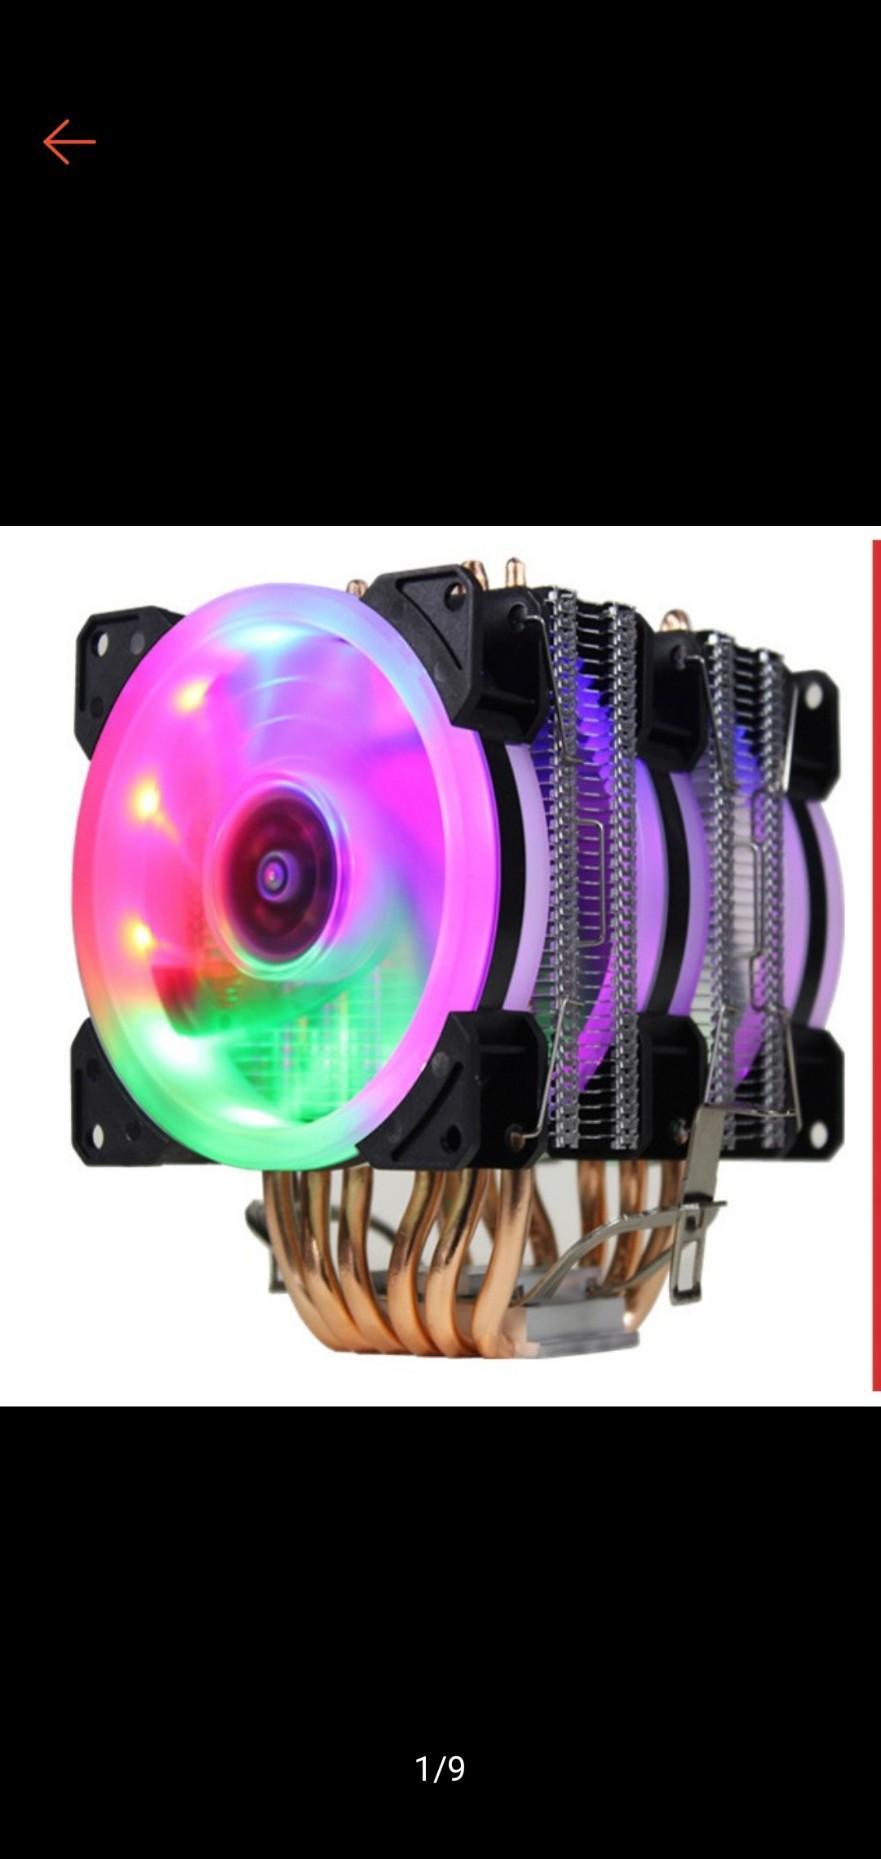 Giá Tản Nhiệt CPU Jonsbo 6 ống đồng, 2 tháp, 3 quạt, 9cm làm mát cực kỳ hiệu quả.